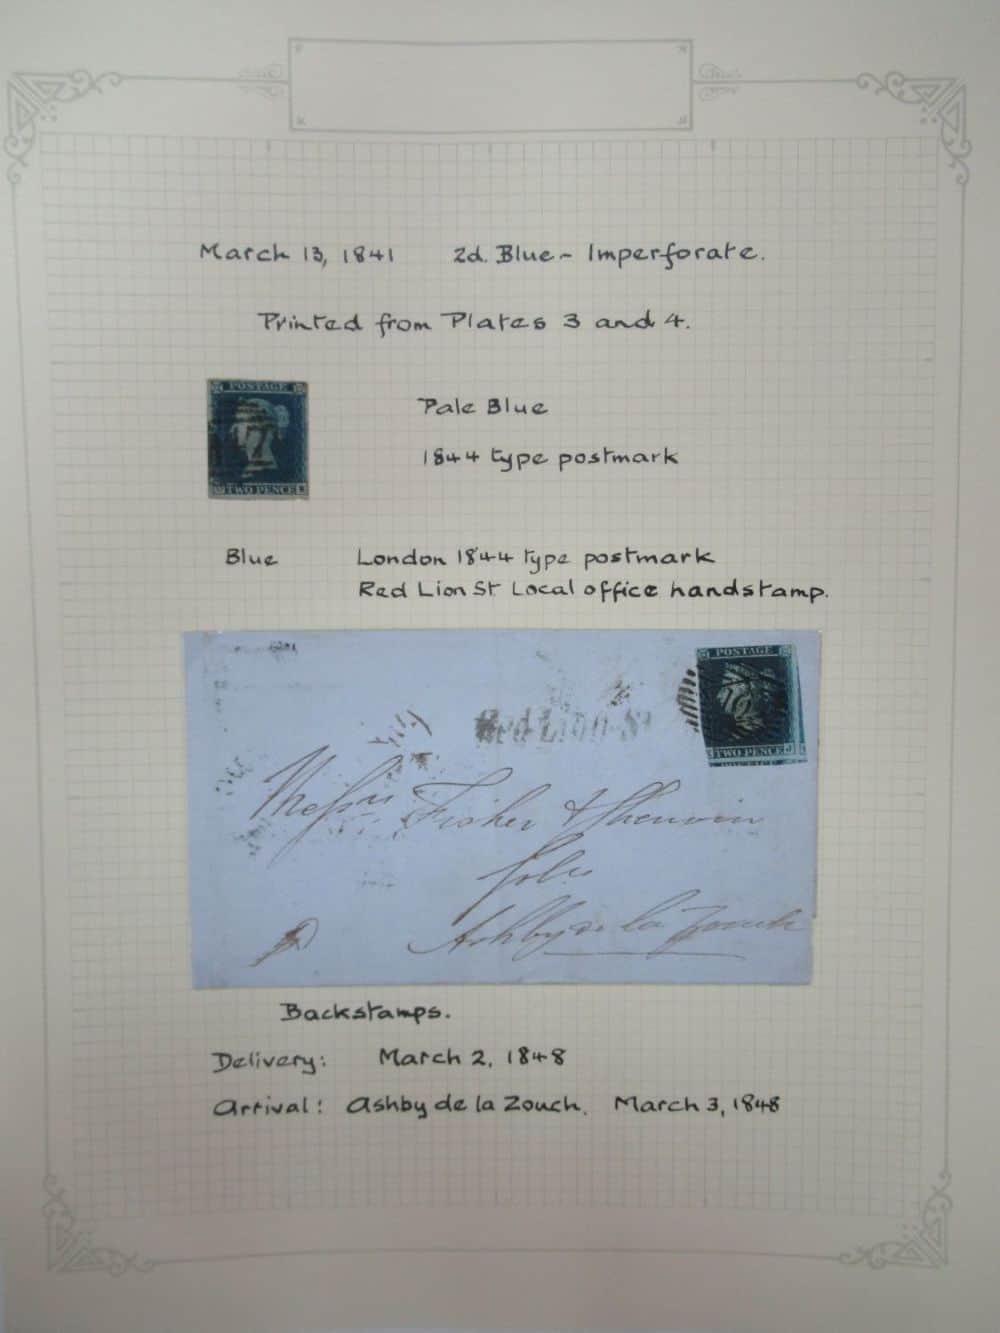 אנגליה, 1848! BLUE PENNY בול לא משונן + בול לא משונן על מכתב